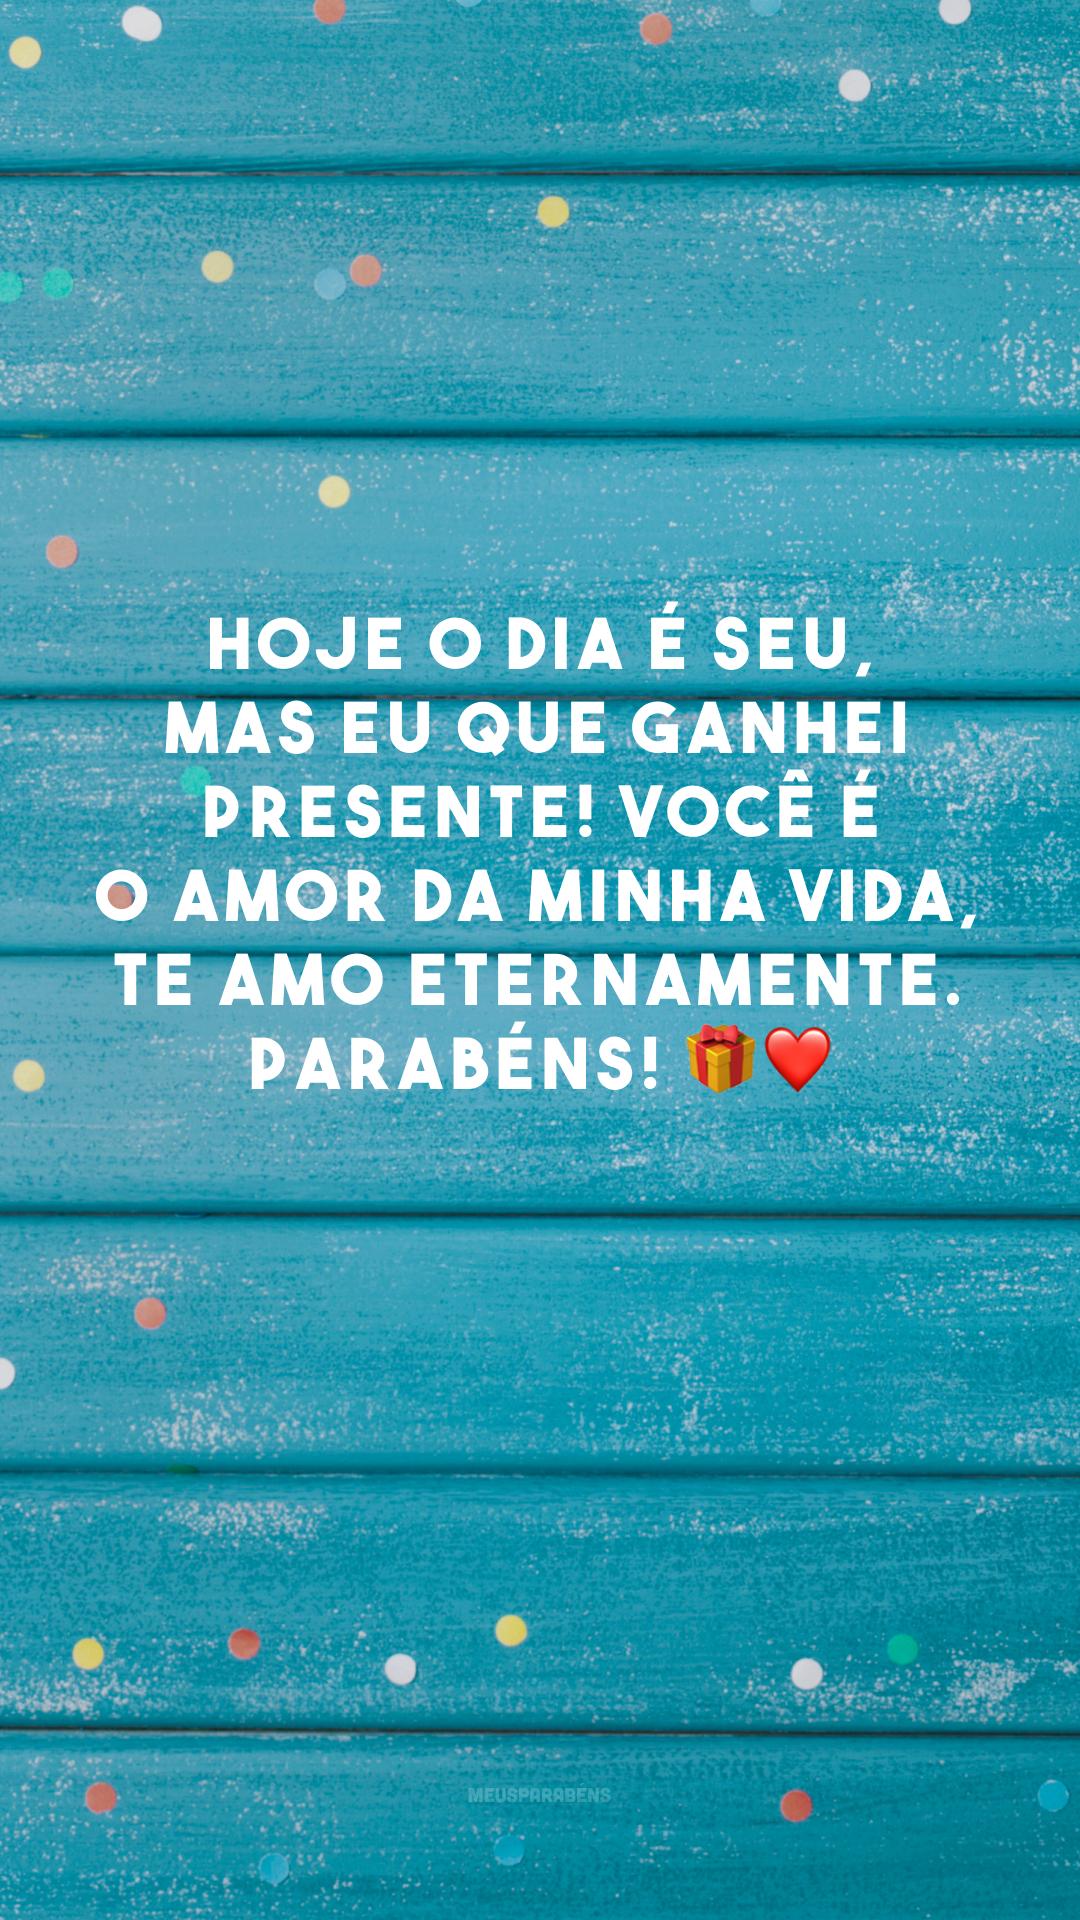 Hoje o dia é seu, mas eu que ganhei presente! Você é o amor da minha vida, te amo eternamente. Parabéns! 🎁❤